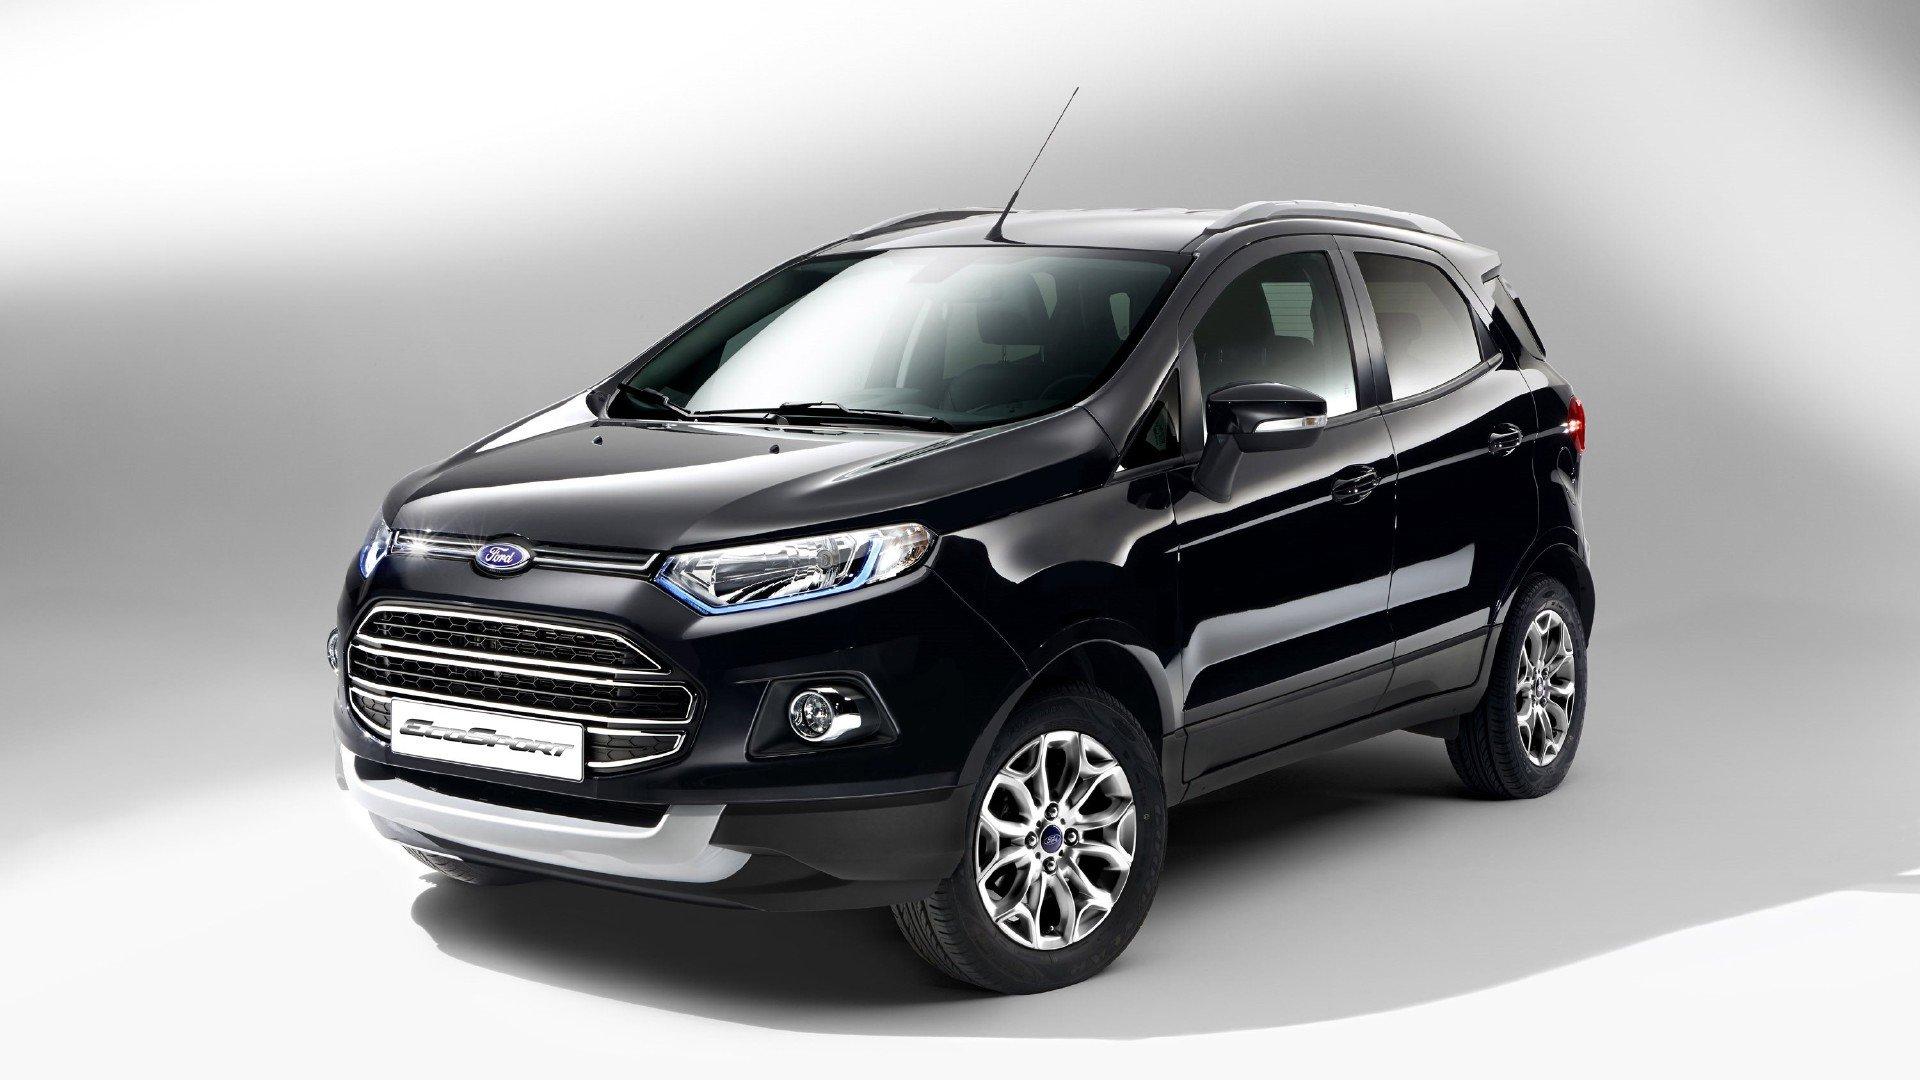 Форд отзывает все проданные в Российской Федерации модели Ecosport из-за дефекта противоугонной системы